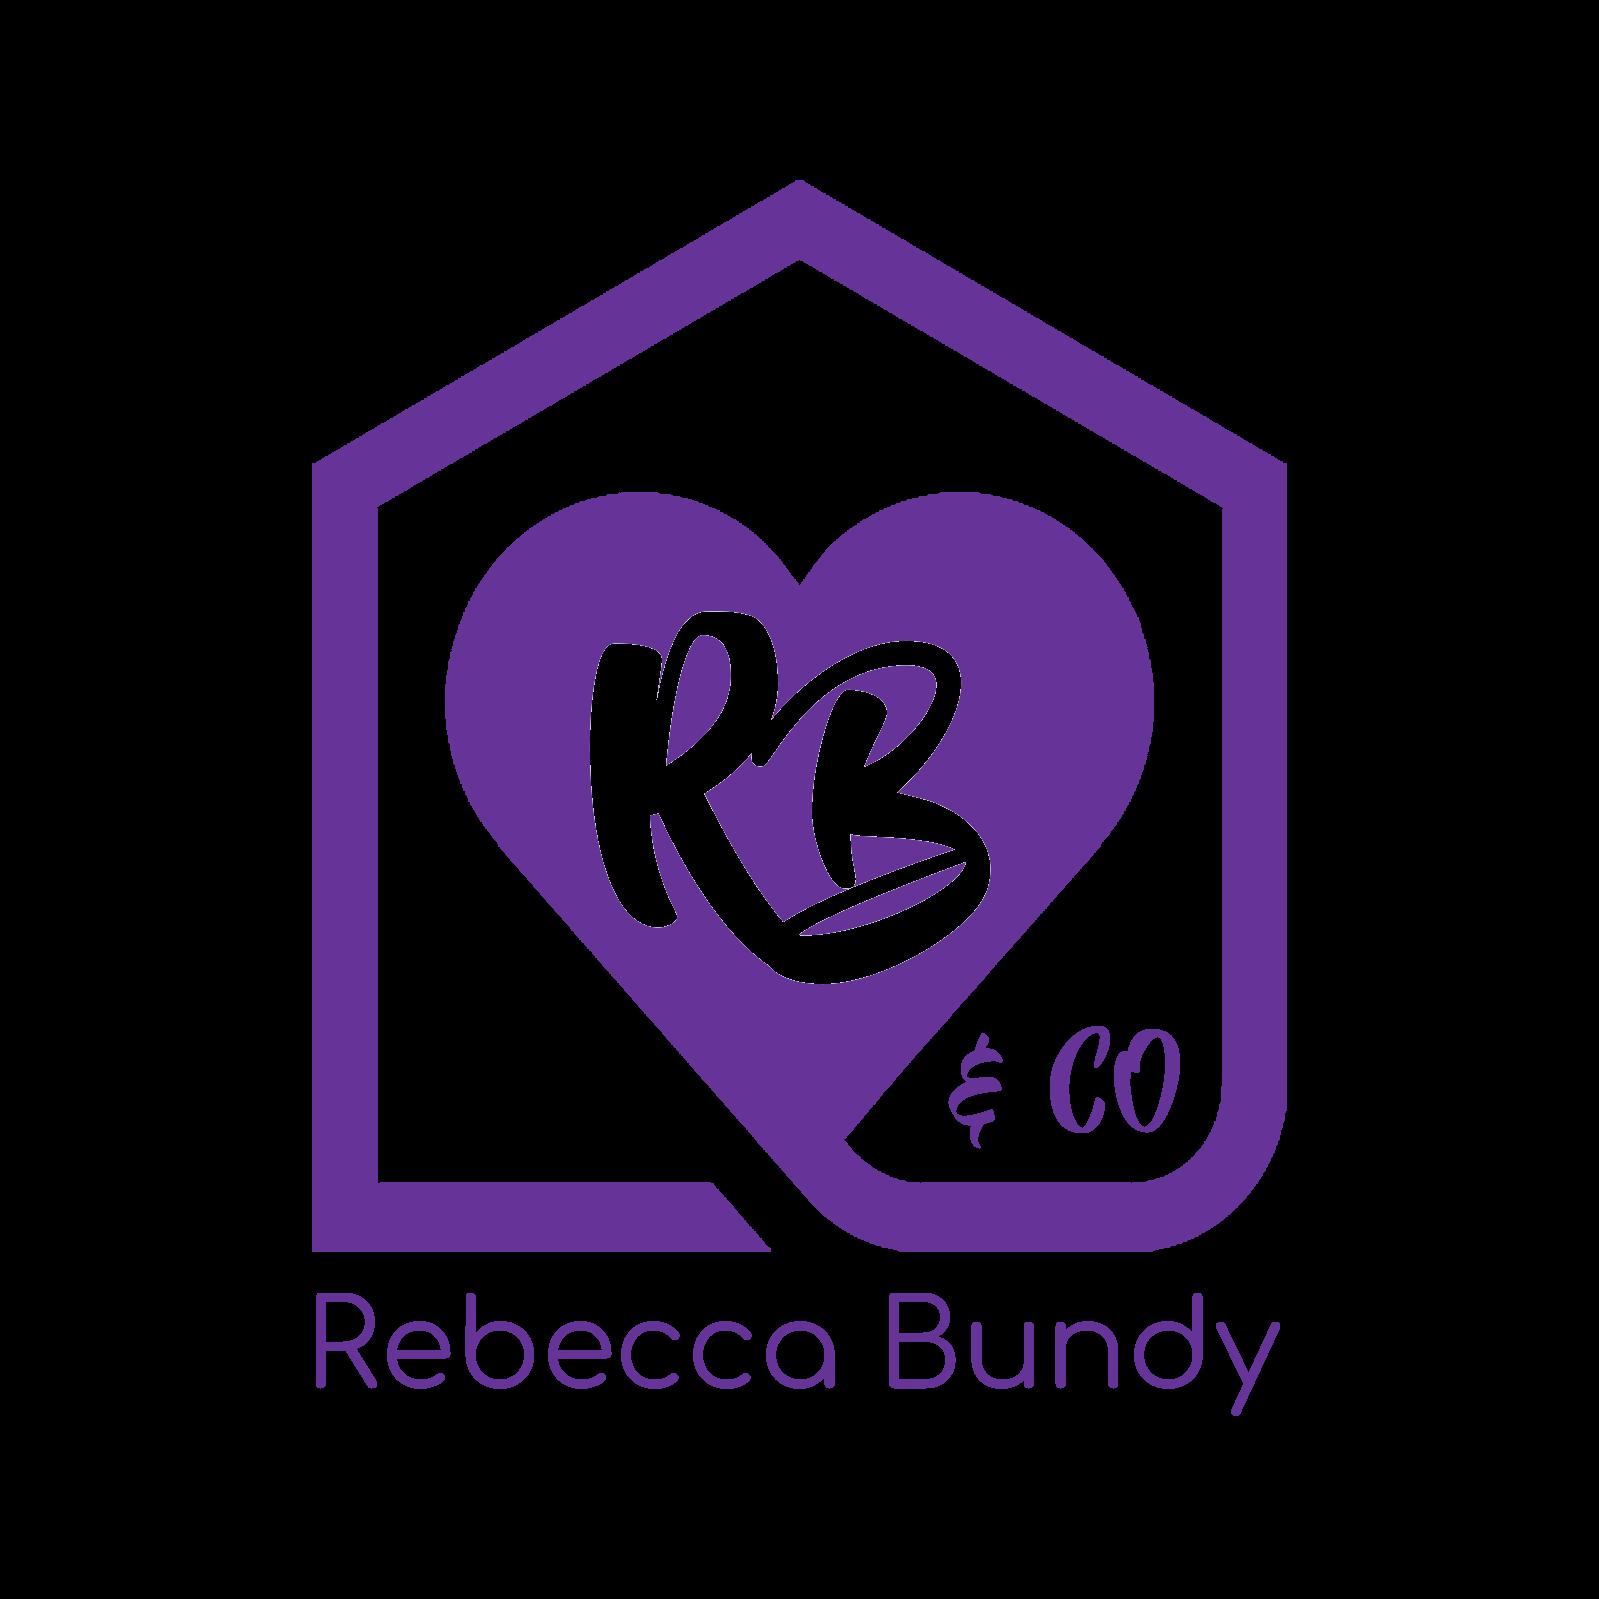 Rebecca Bundy